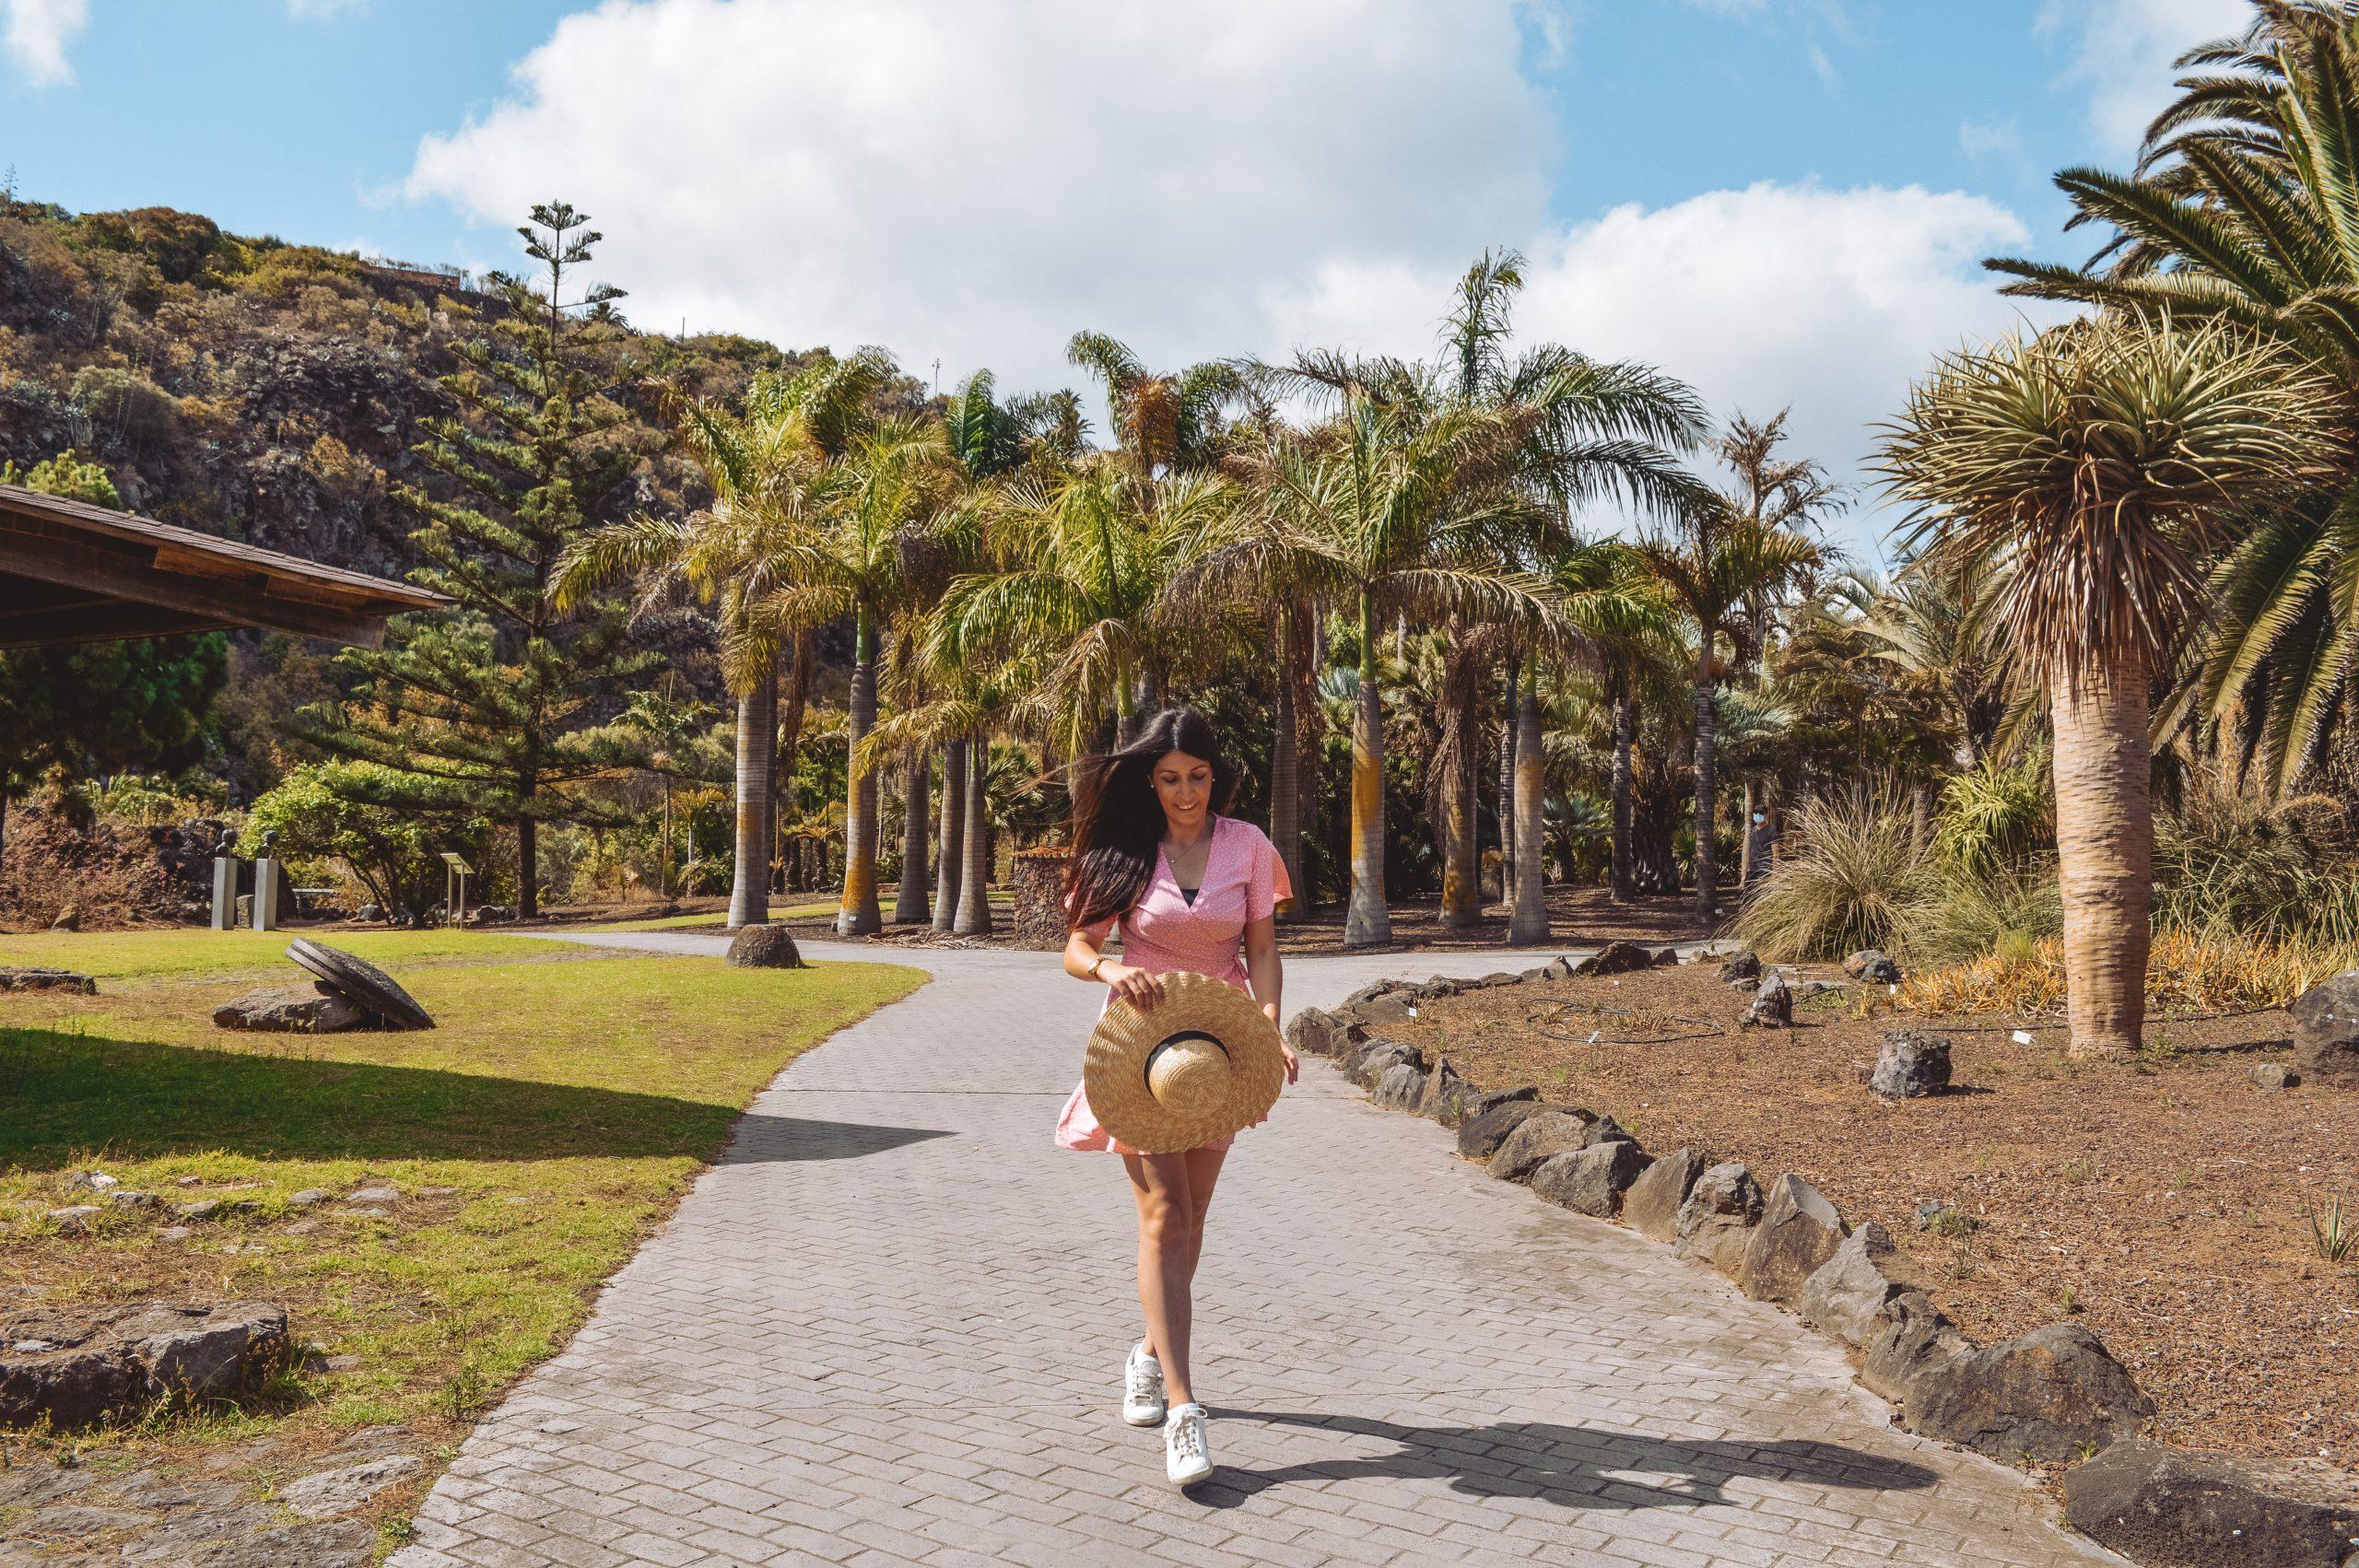 Jardin botanico Canario que ver en Gran Canaria